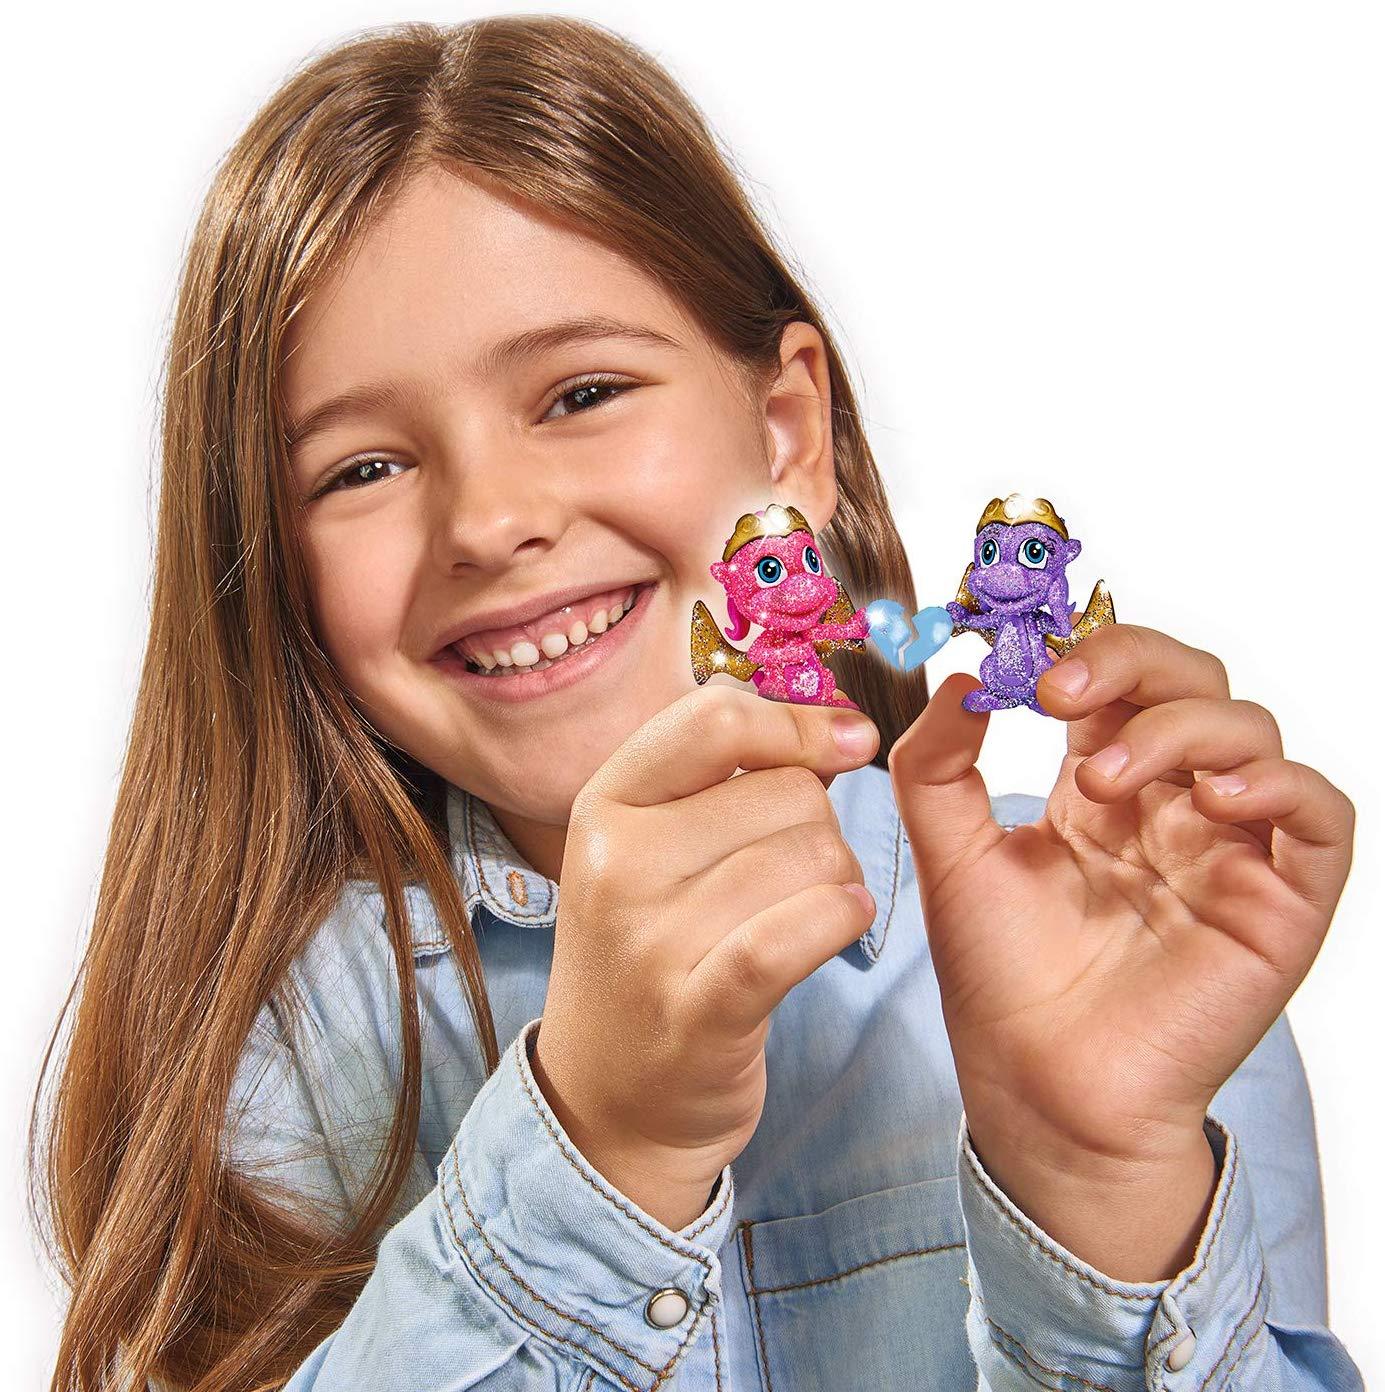 Safiras Neon Princess